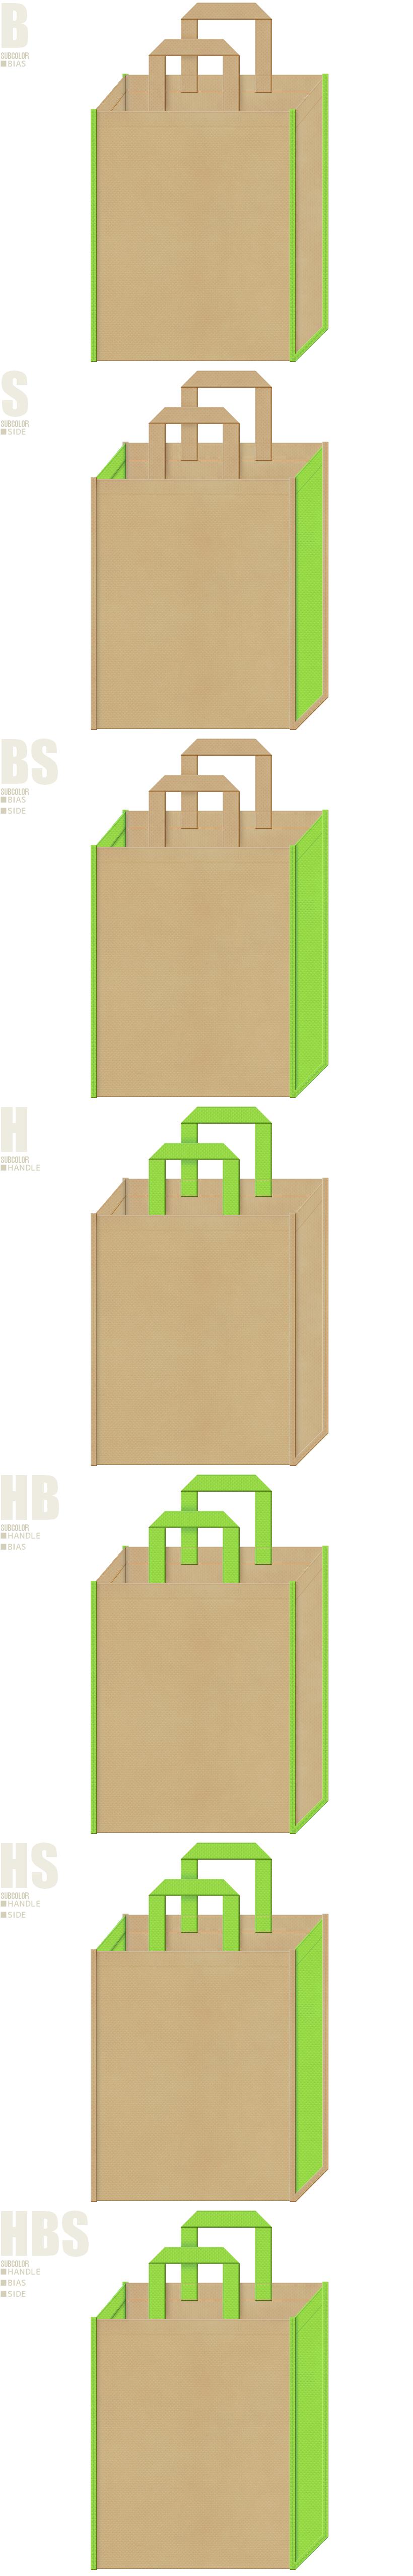 カーキ色と黄緑色、7パターンの不織布トートバッグ配色デザイン例。園芸用品の展示会用バッグにお奨めです。